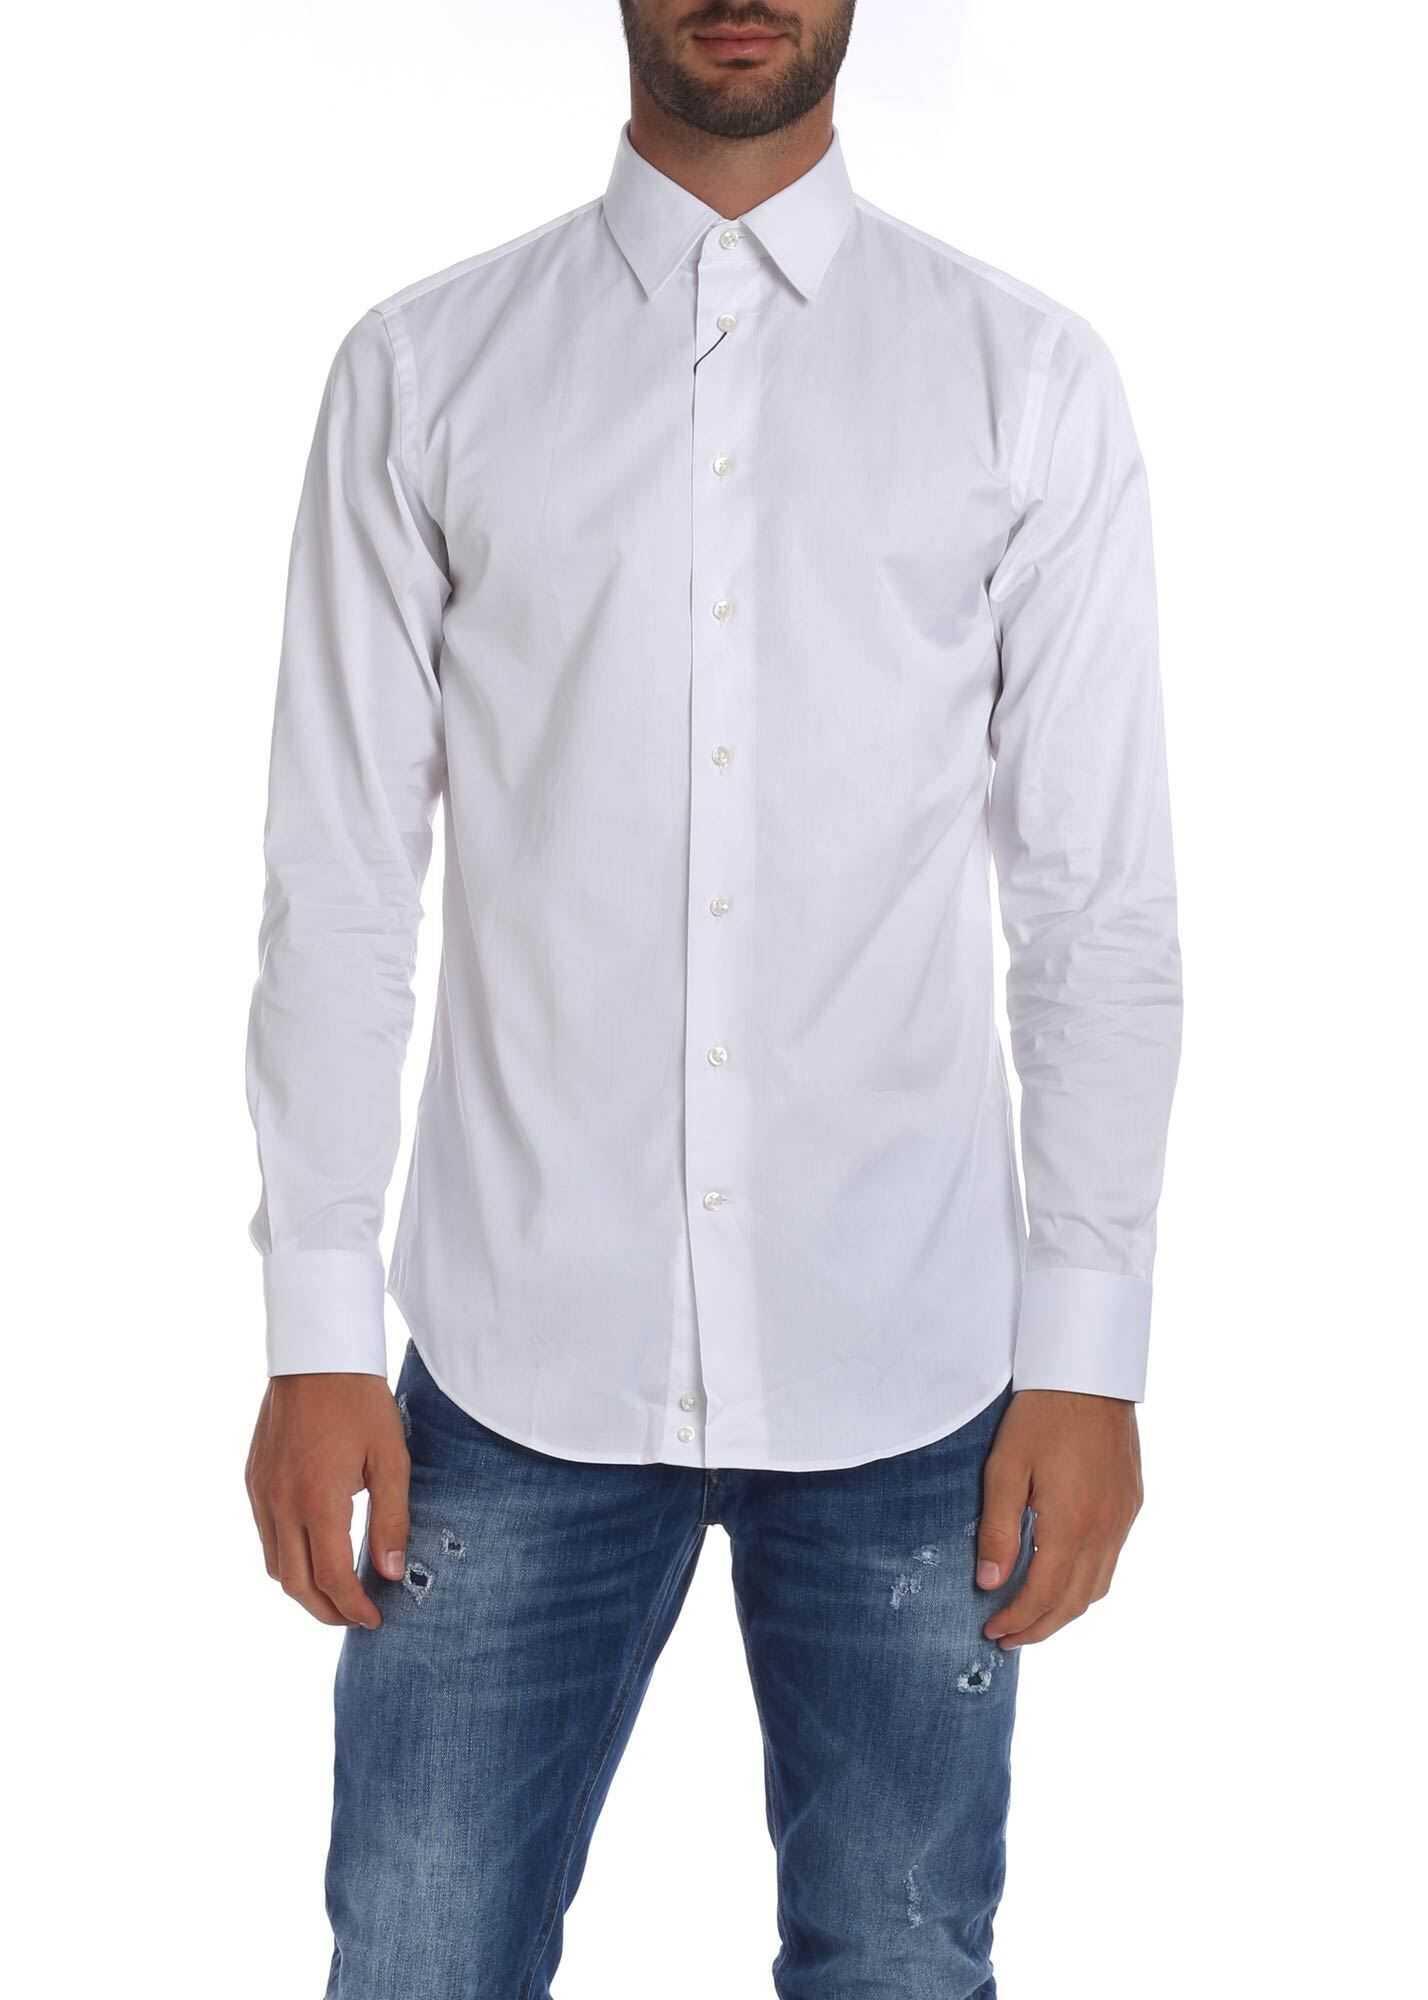 Emporio Armani White Shirt White